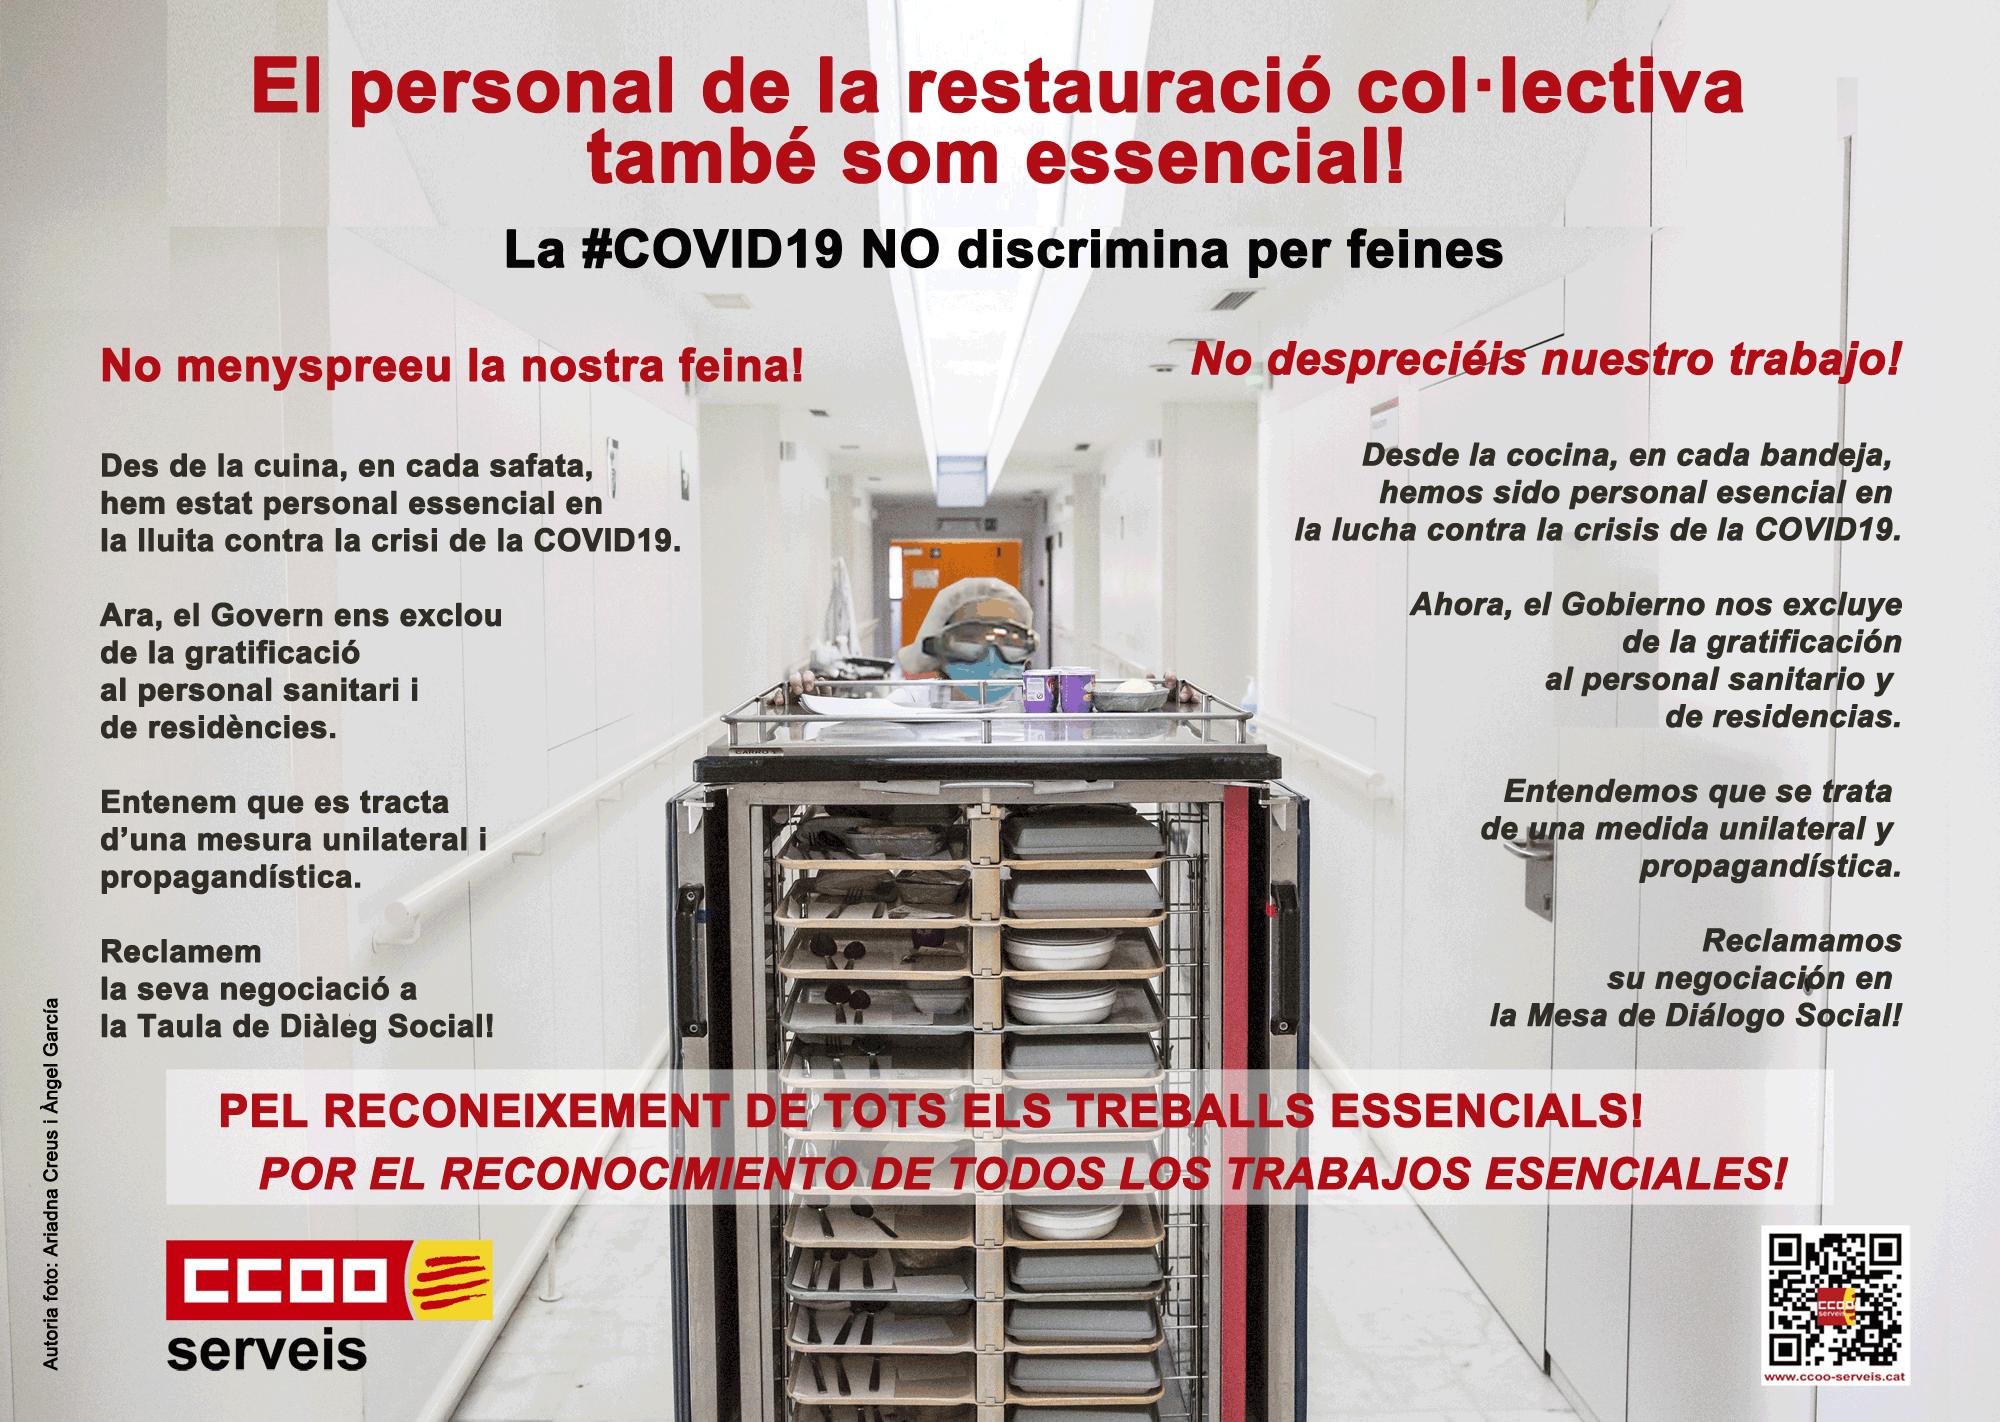 Restauració col·lectica Restauración Colectiva Colectividades Colectivitats Personal Essencials Esencial COVID!)